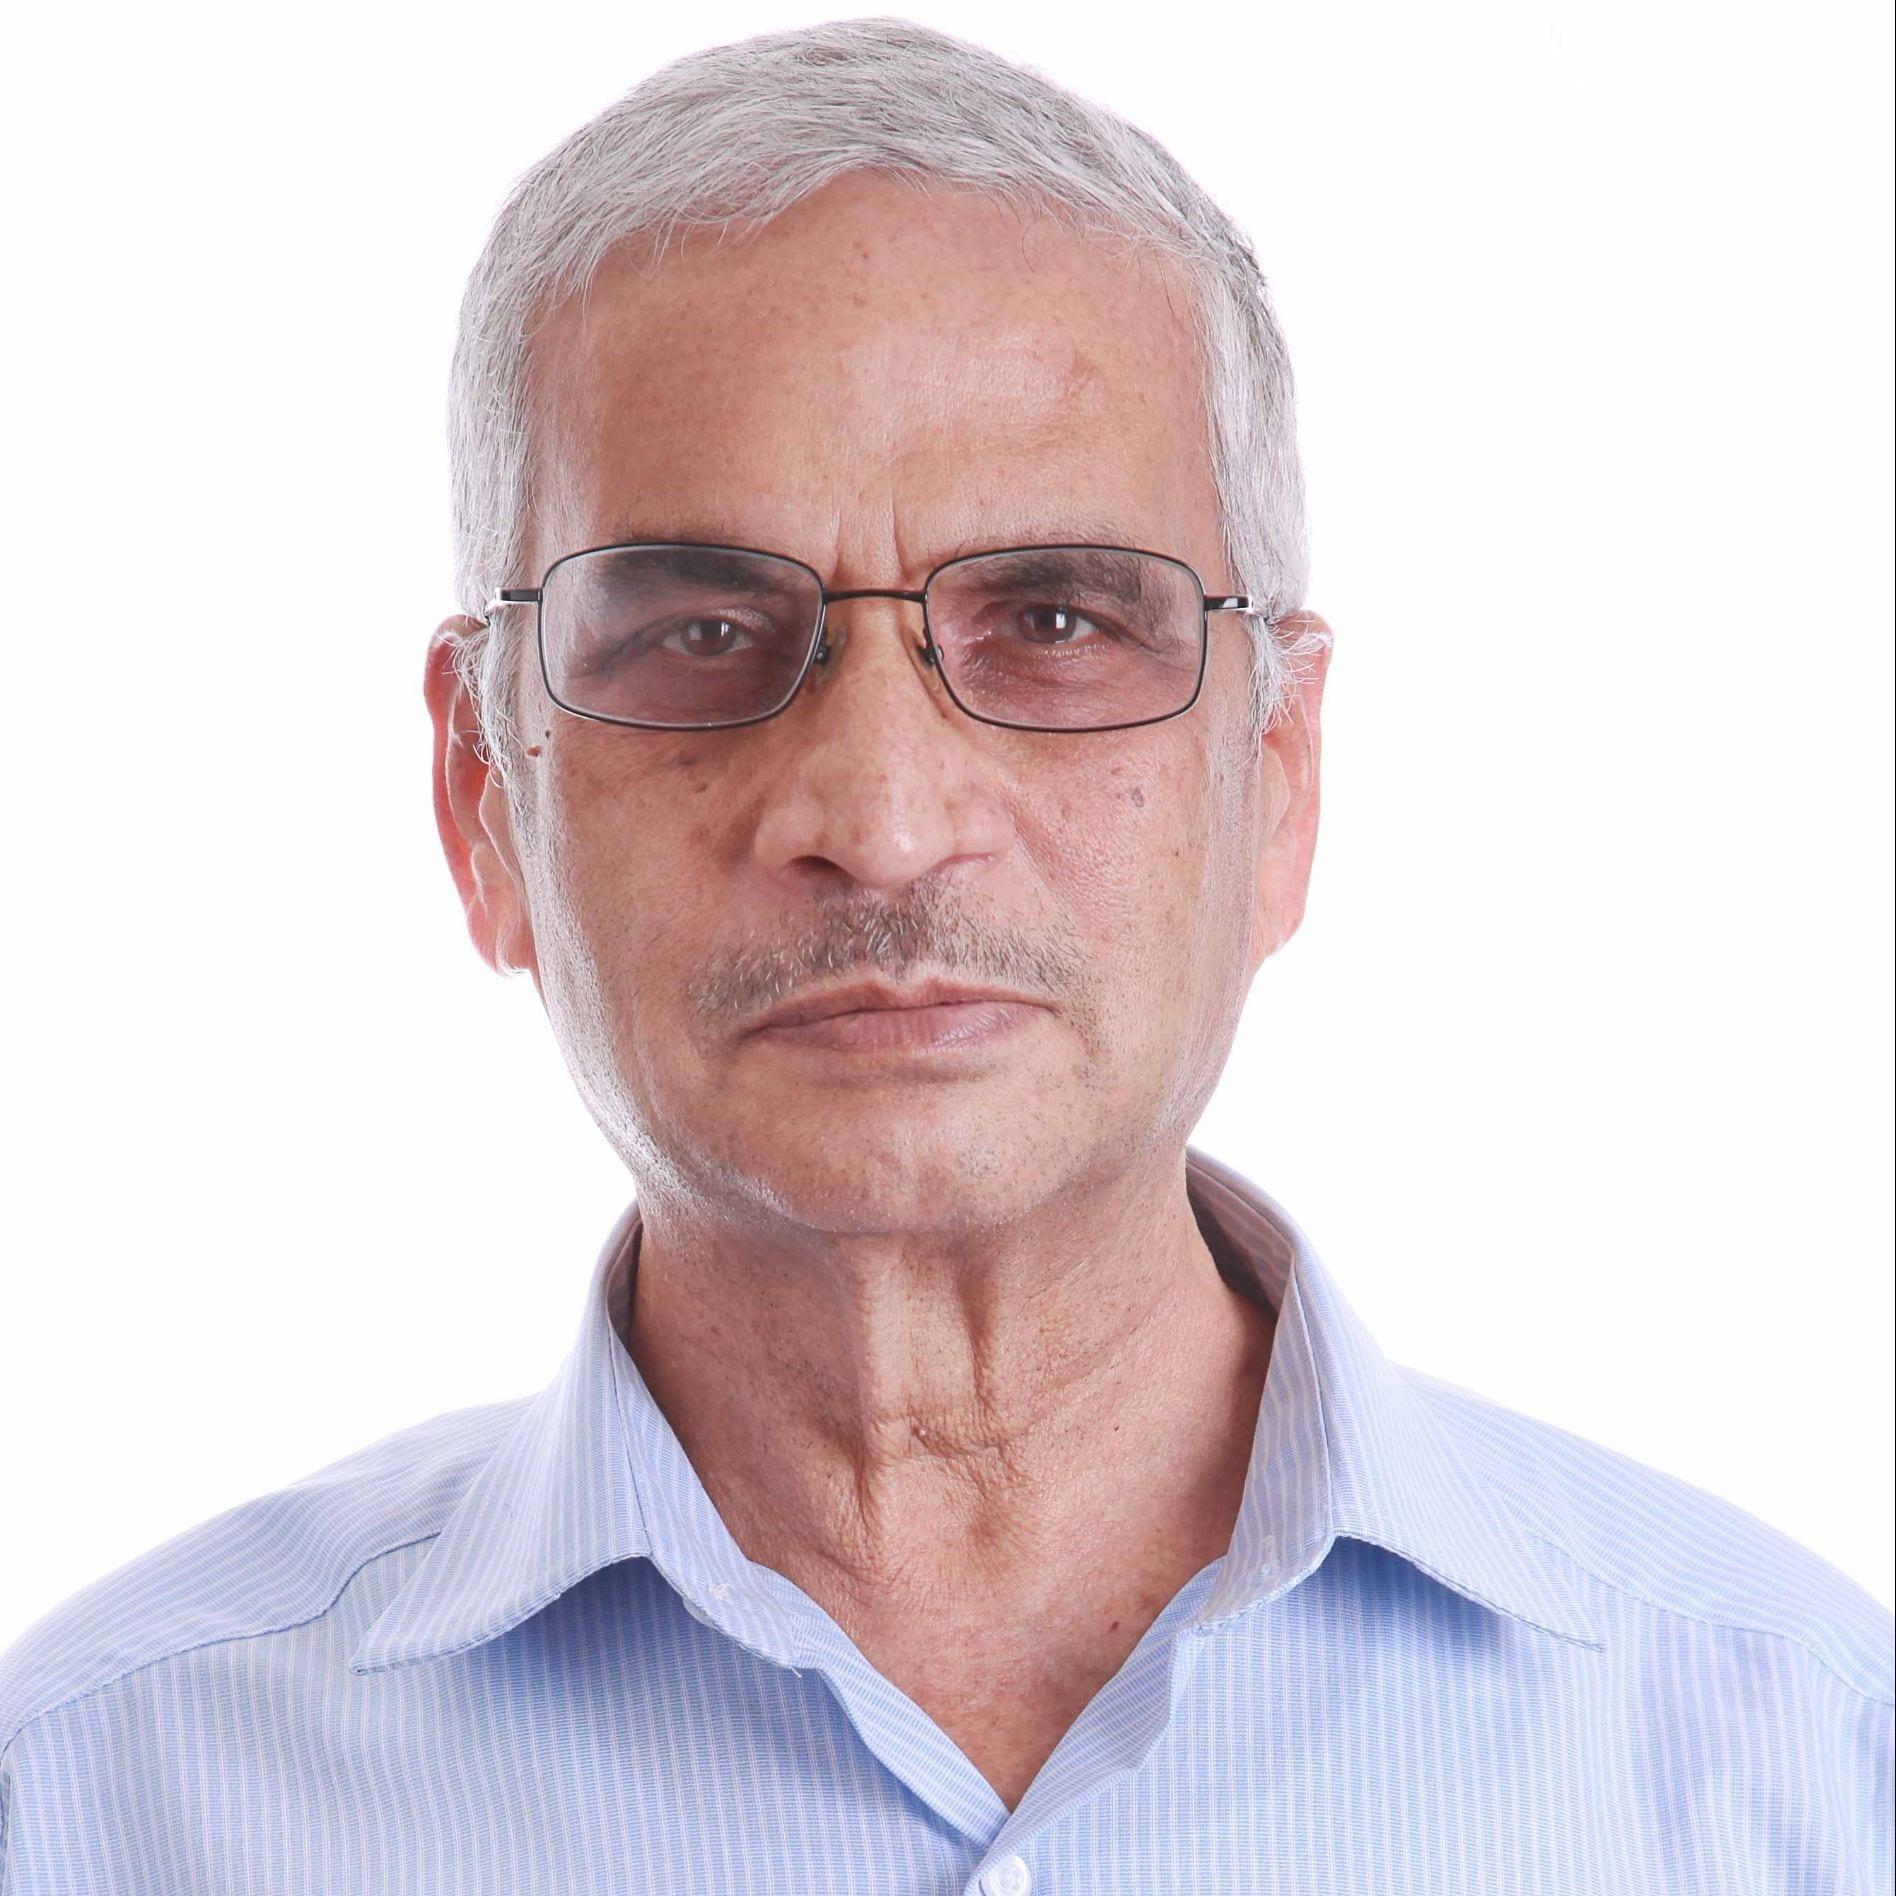 Bhaskar Mantha